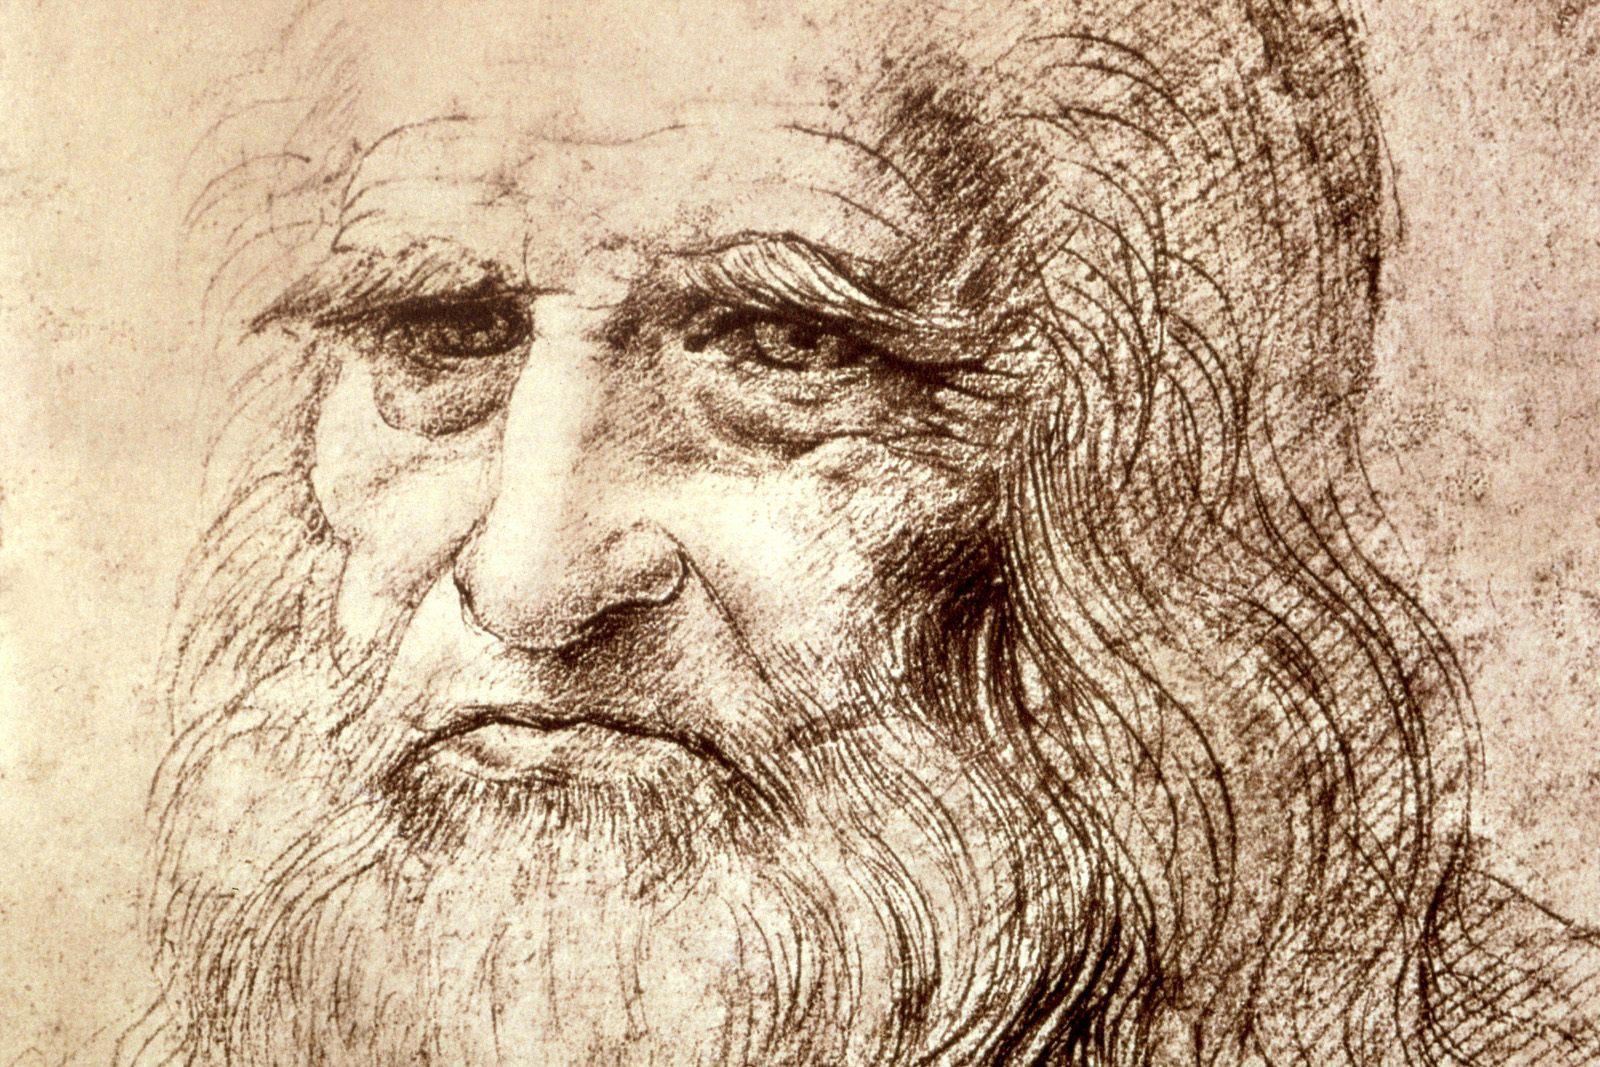 http://2.bp.blogspot.com/-_MoXd8ZI8MI/TmOzQD1yZtI/AAAAAAAAAE8/FVlRJT6jqvo/s1600/Leonardo-da-Vinci-Wallpapers-5.jpg